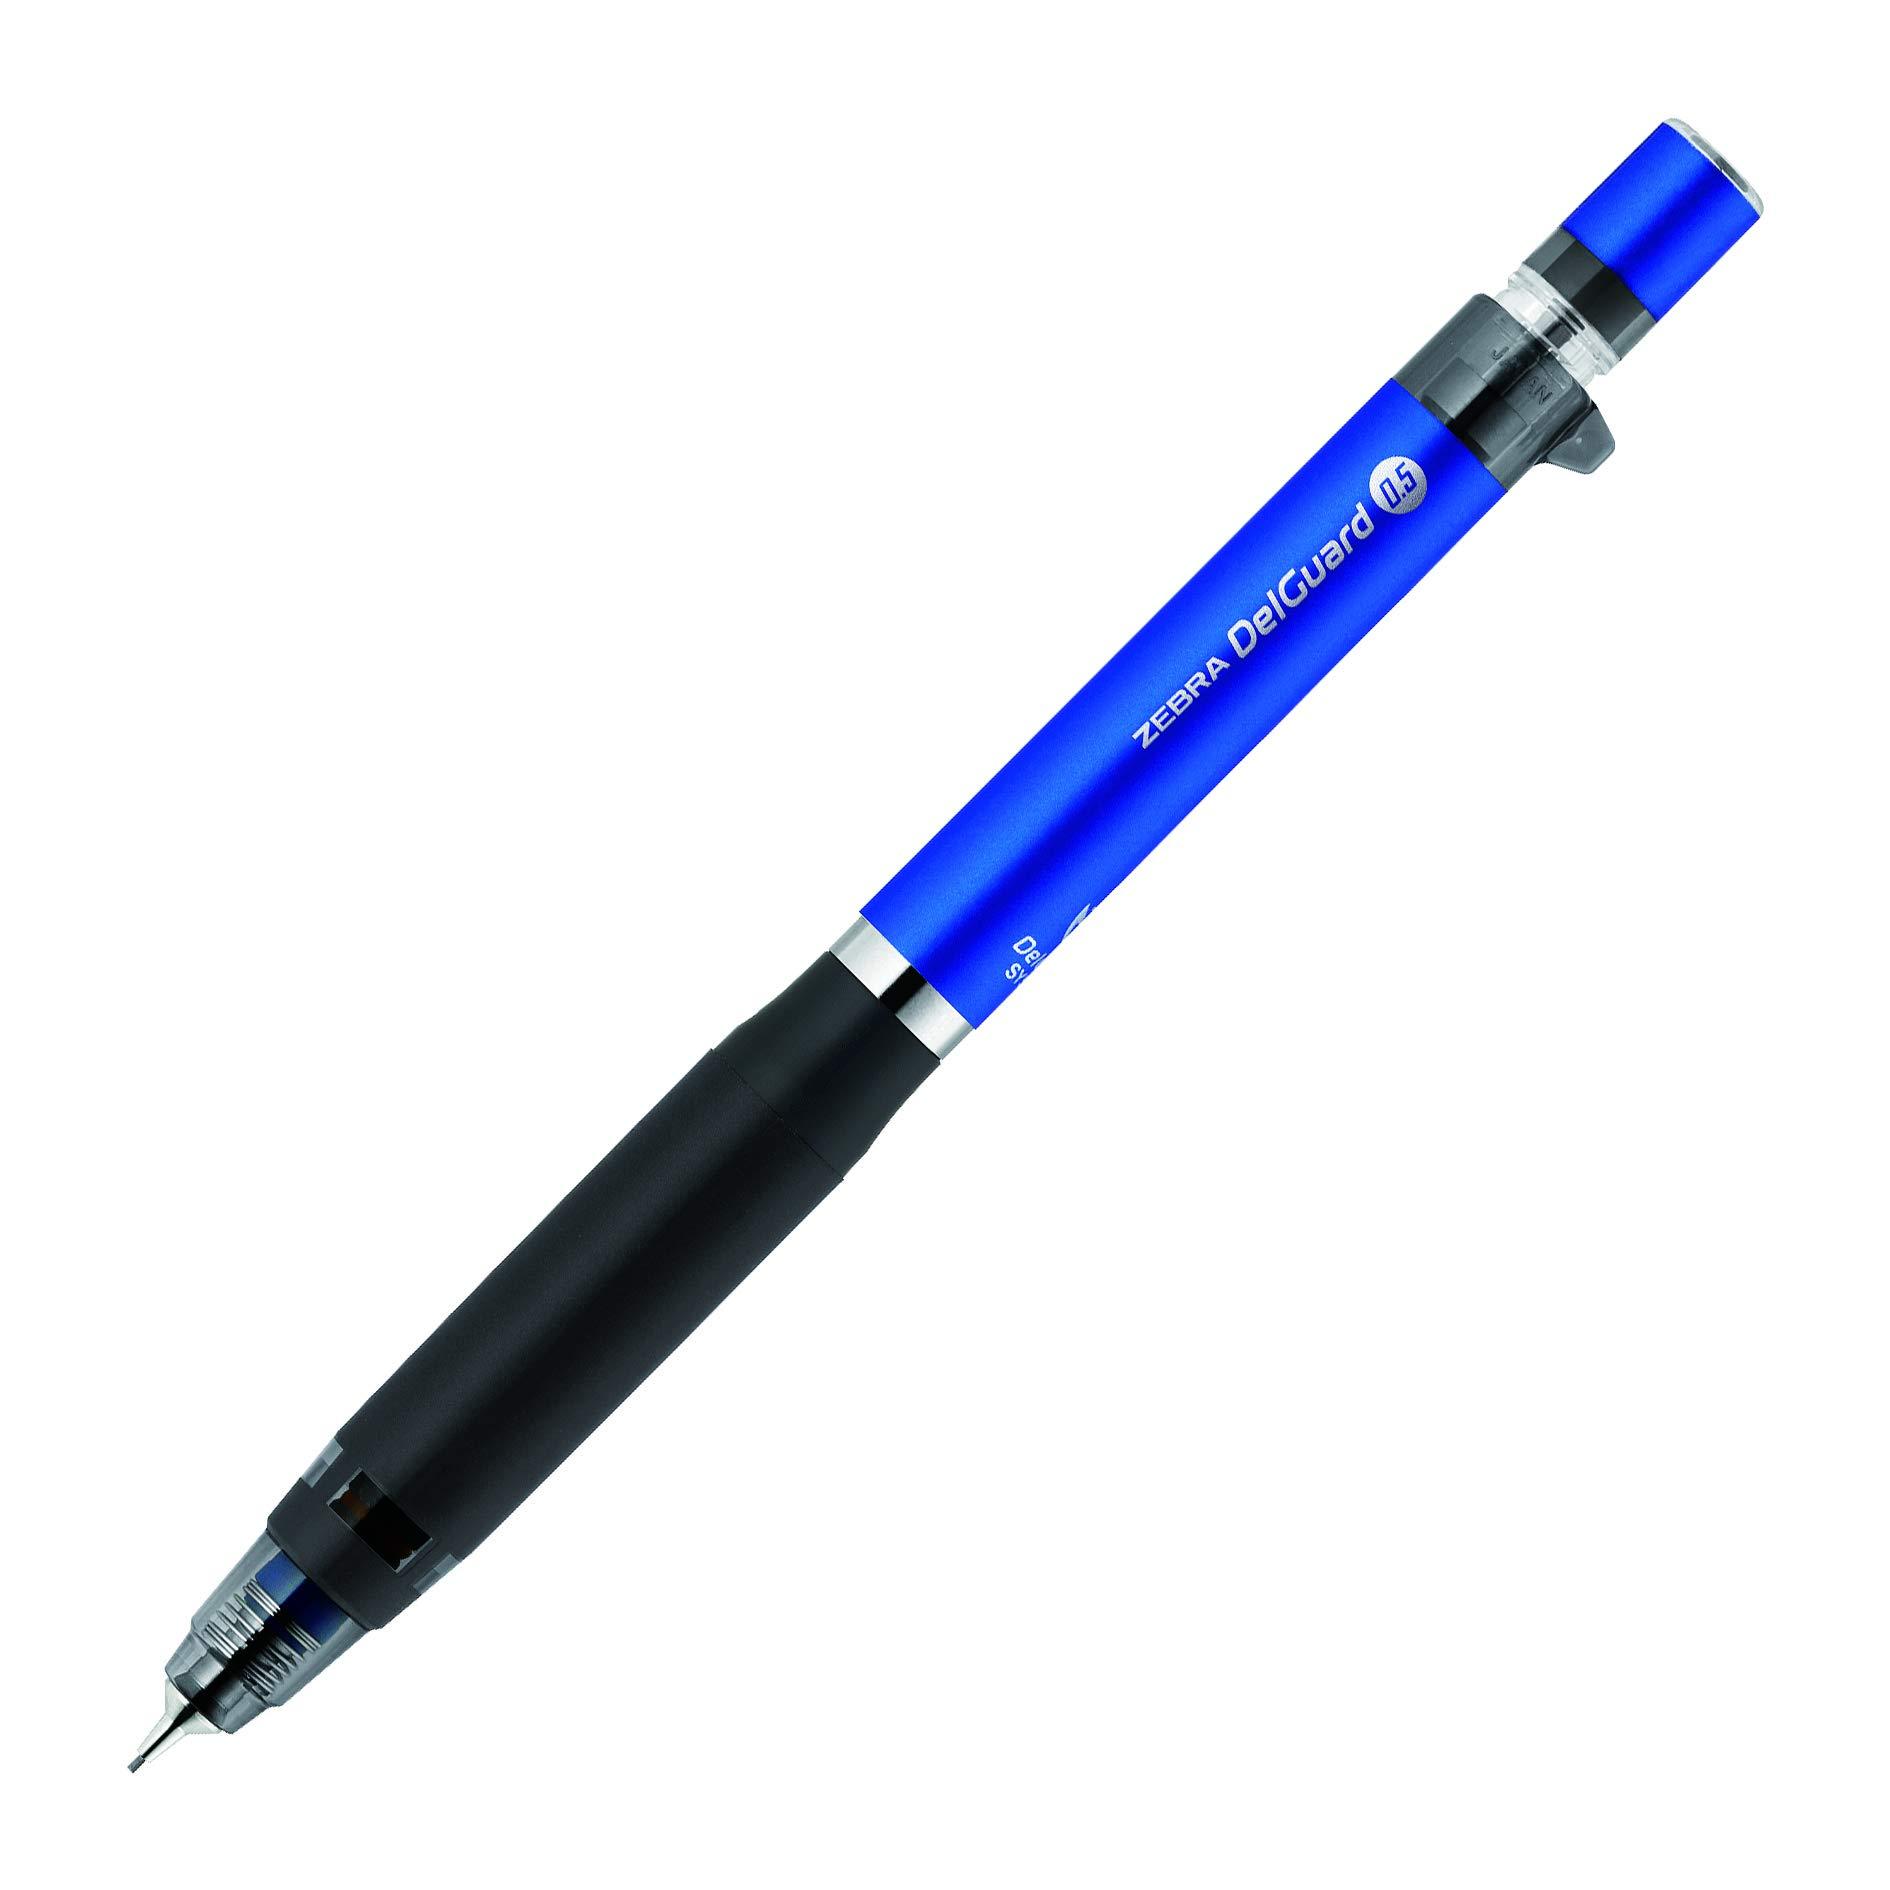 Zebra - Portaminas tipo ER, 0,5 mm, color azul (PMA88-BL)